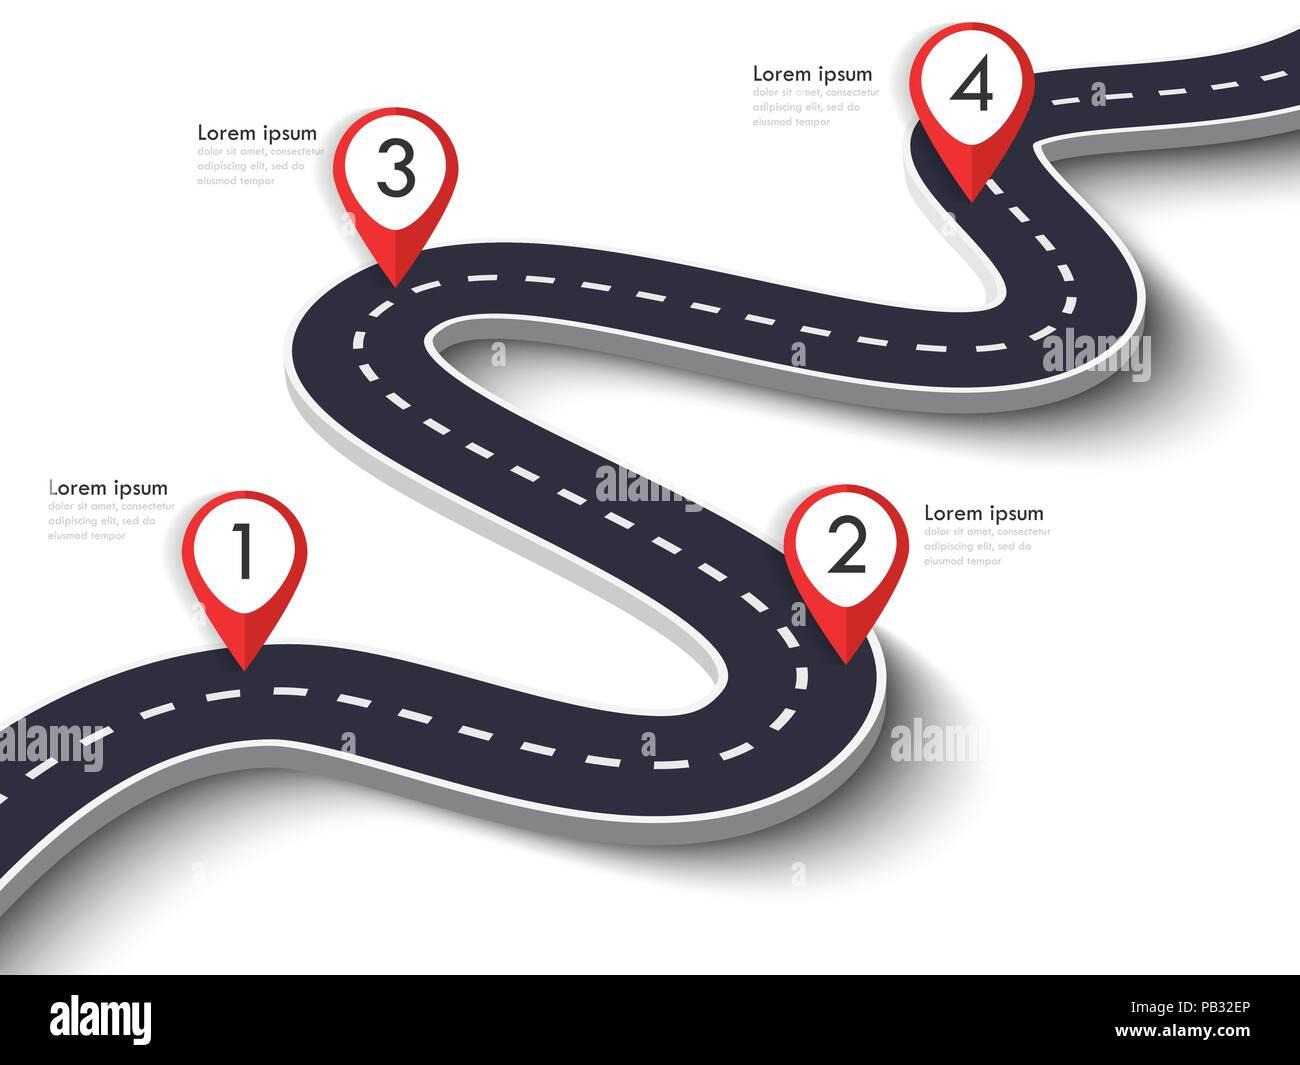 Carretera sinuosa sobre un fondo blanco aisladas. Ubicación carretera infográfico plantilla con clavija puntero. EPS vectoriales 10 Imagen De Stock